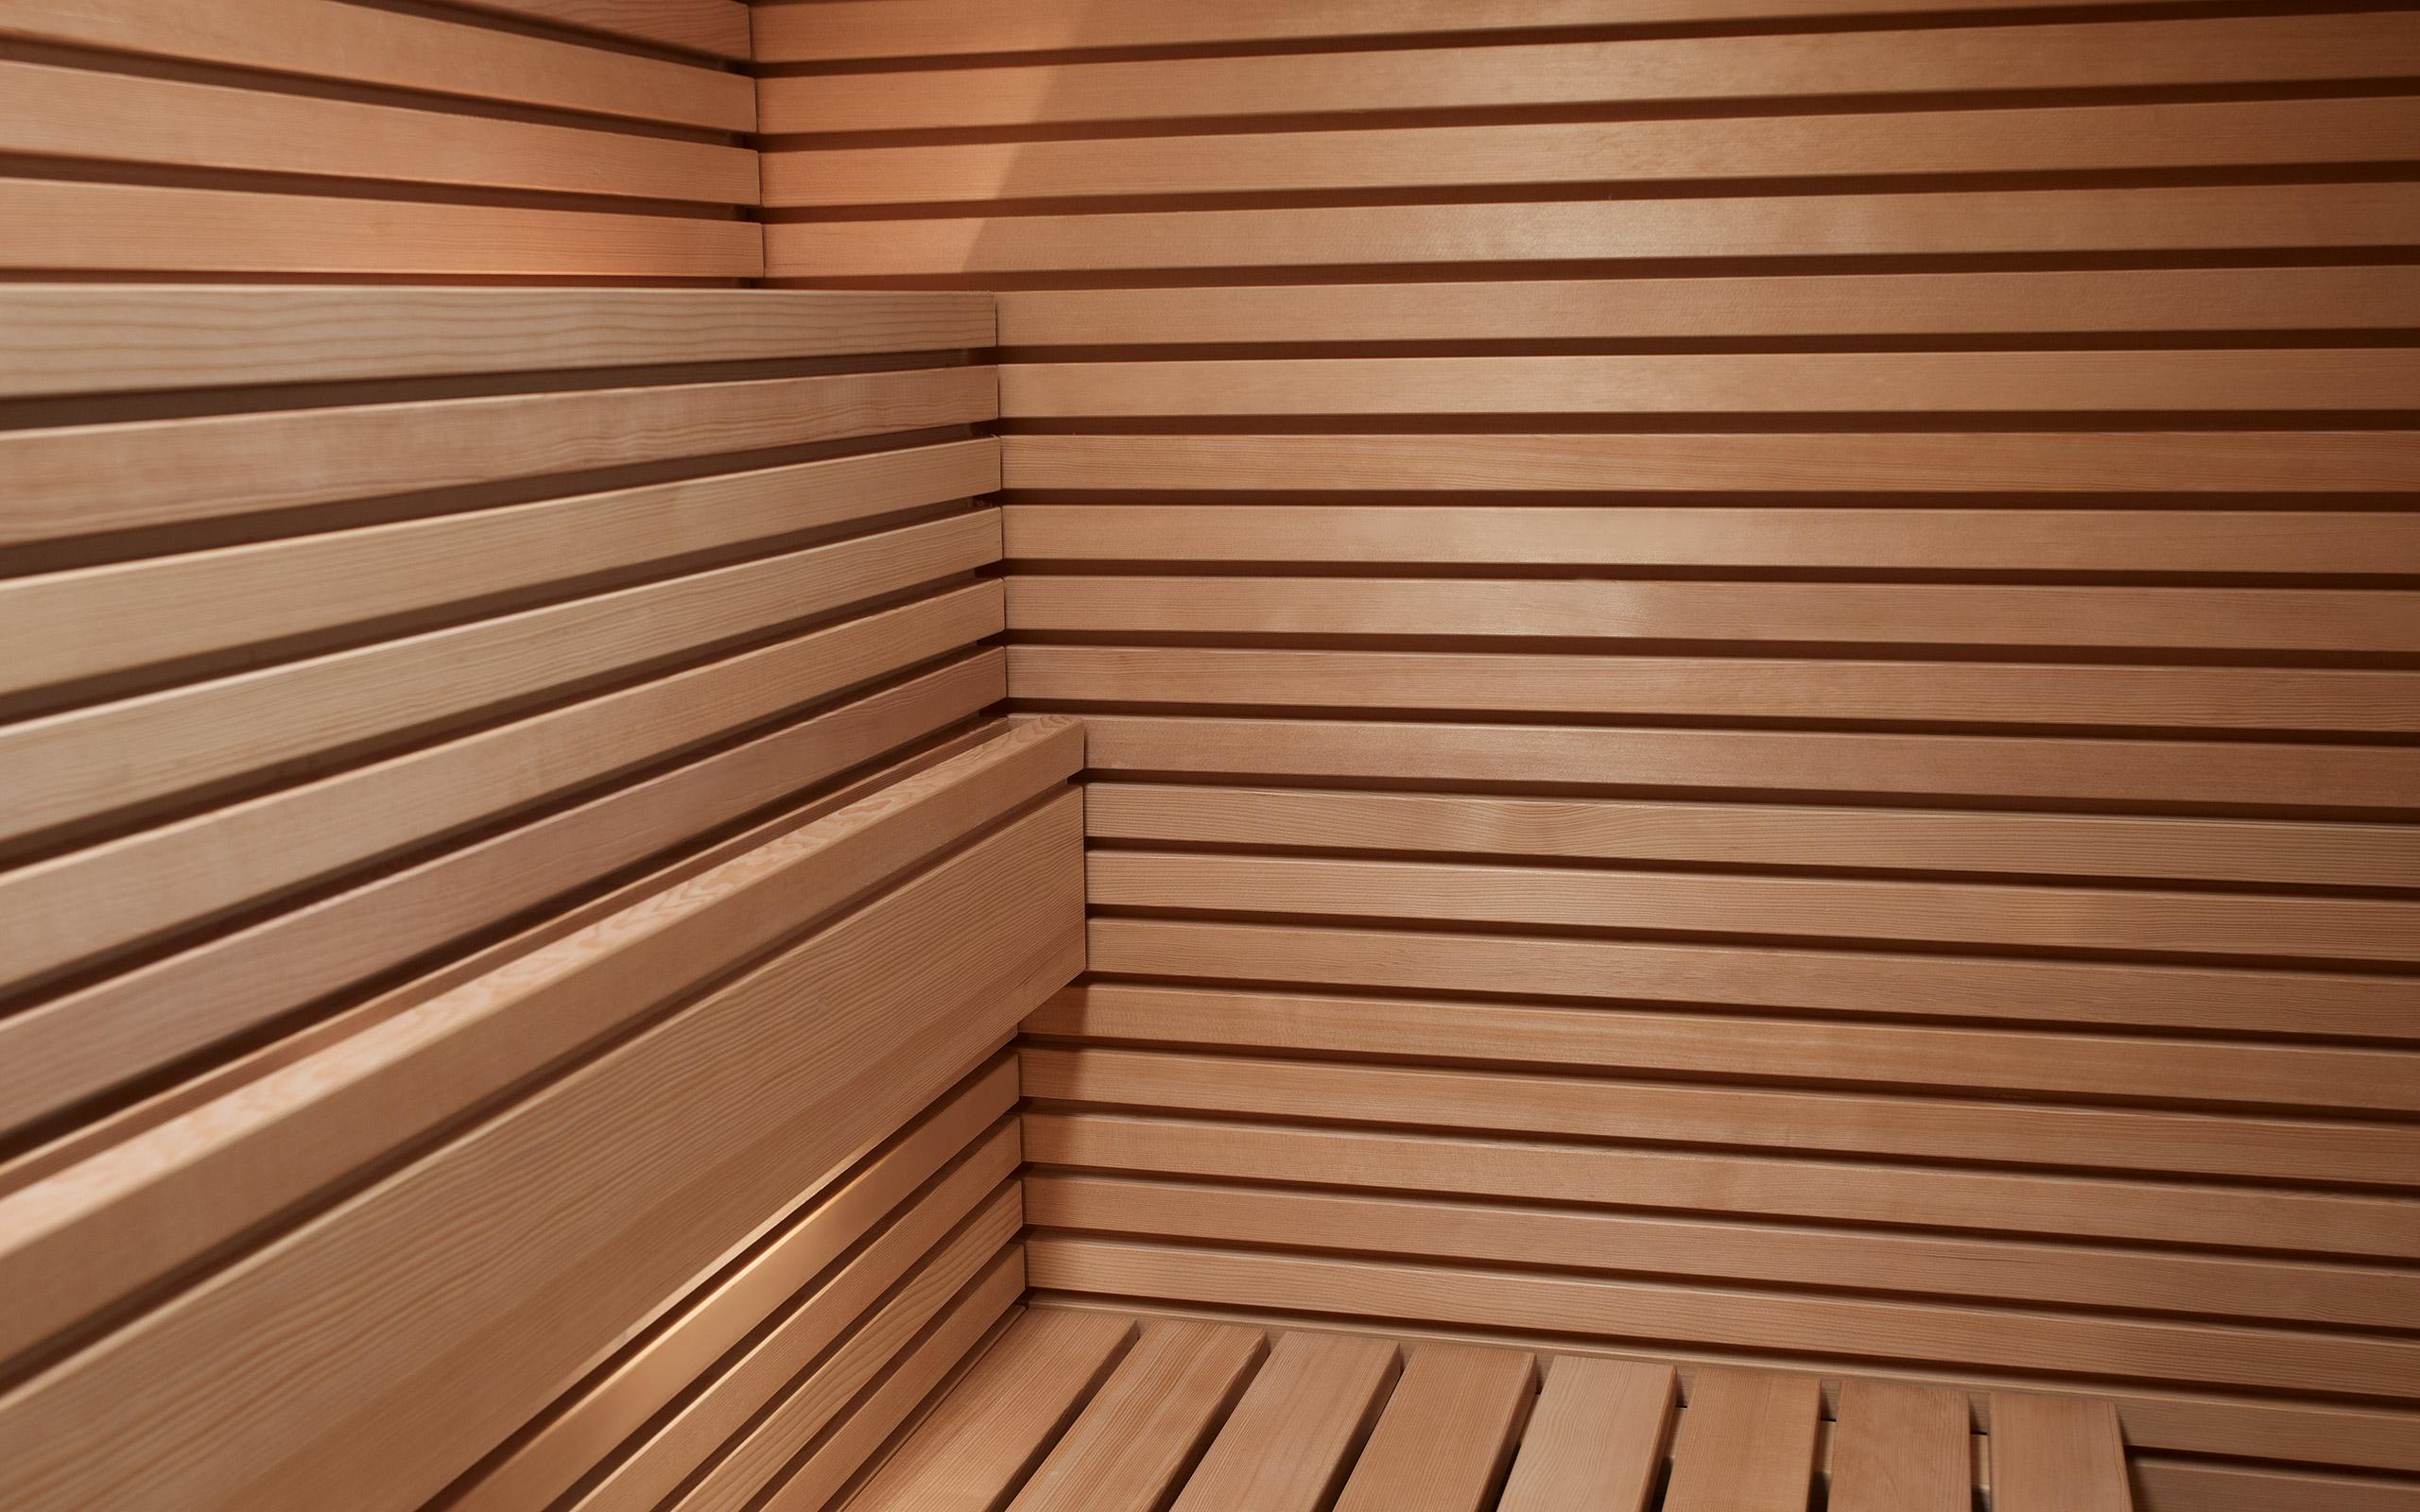 Вагонка в предбаннике — выбор ламелей для первой комнате в бане, 8 фото